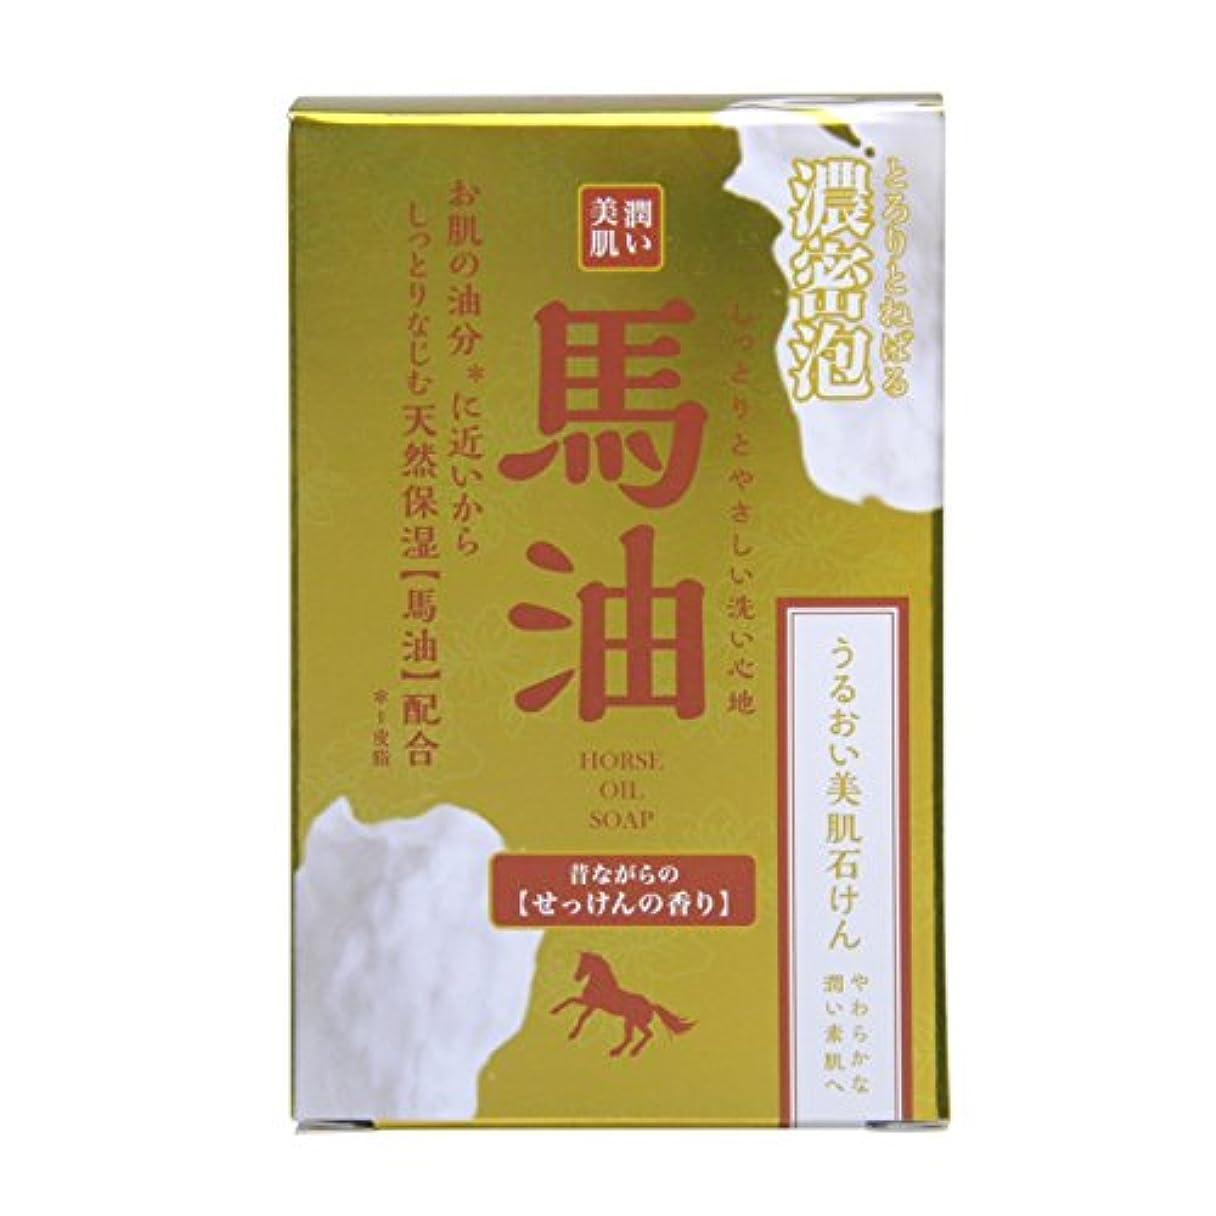 フェローシップようこそ深める潤い美肌 馬油石鹸 100g